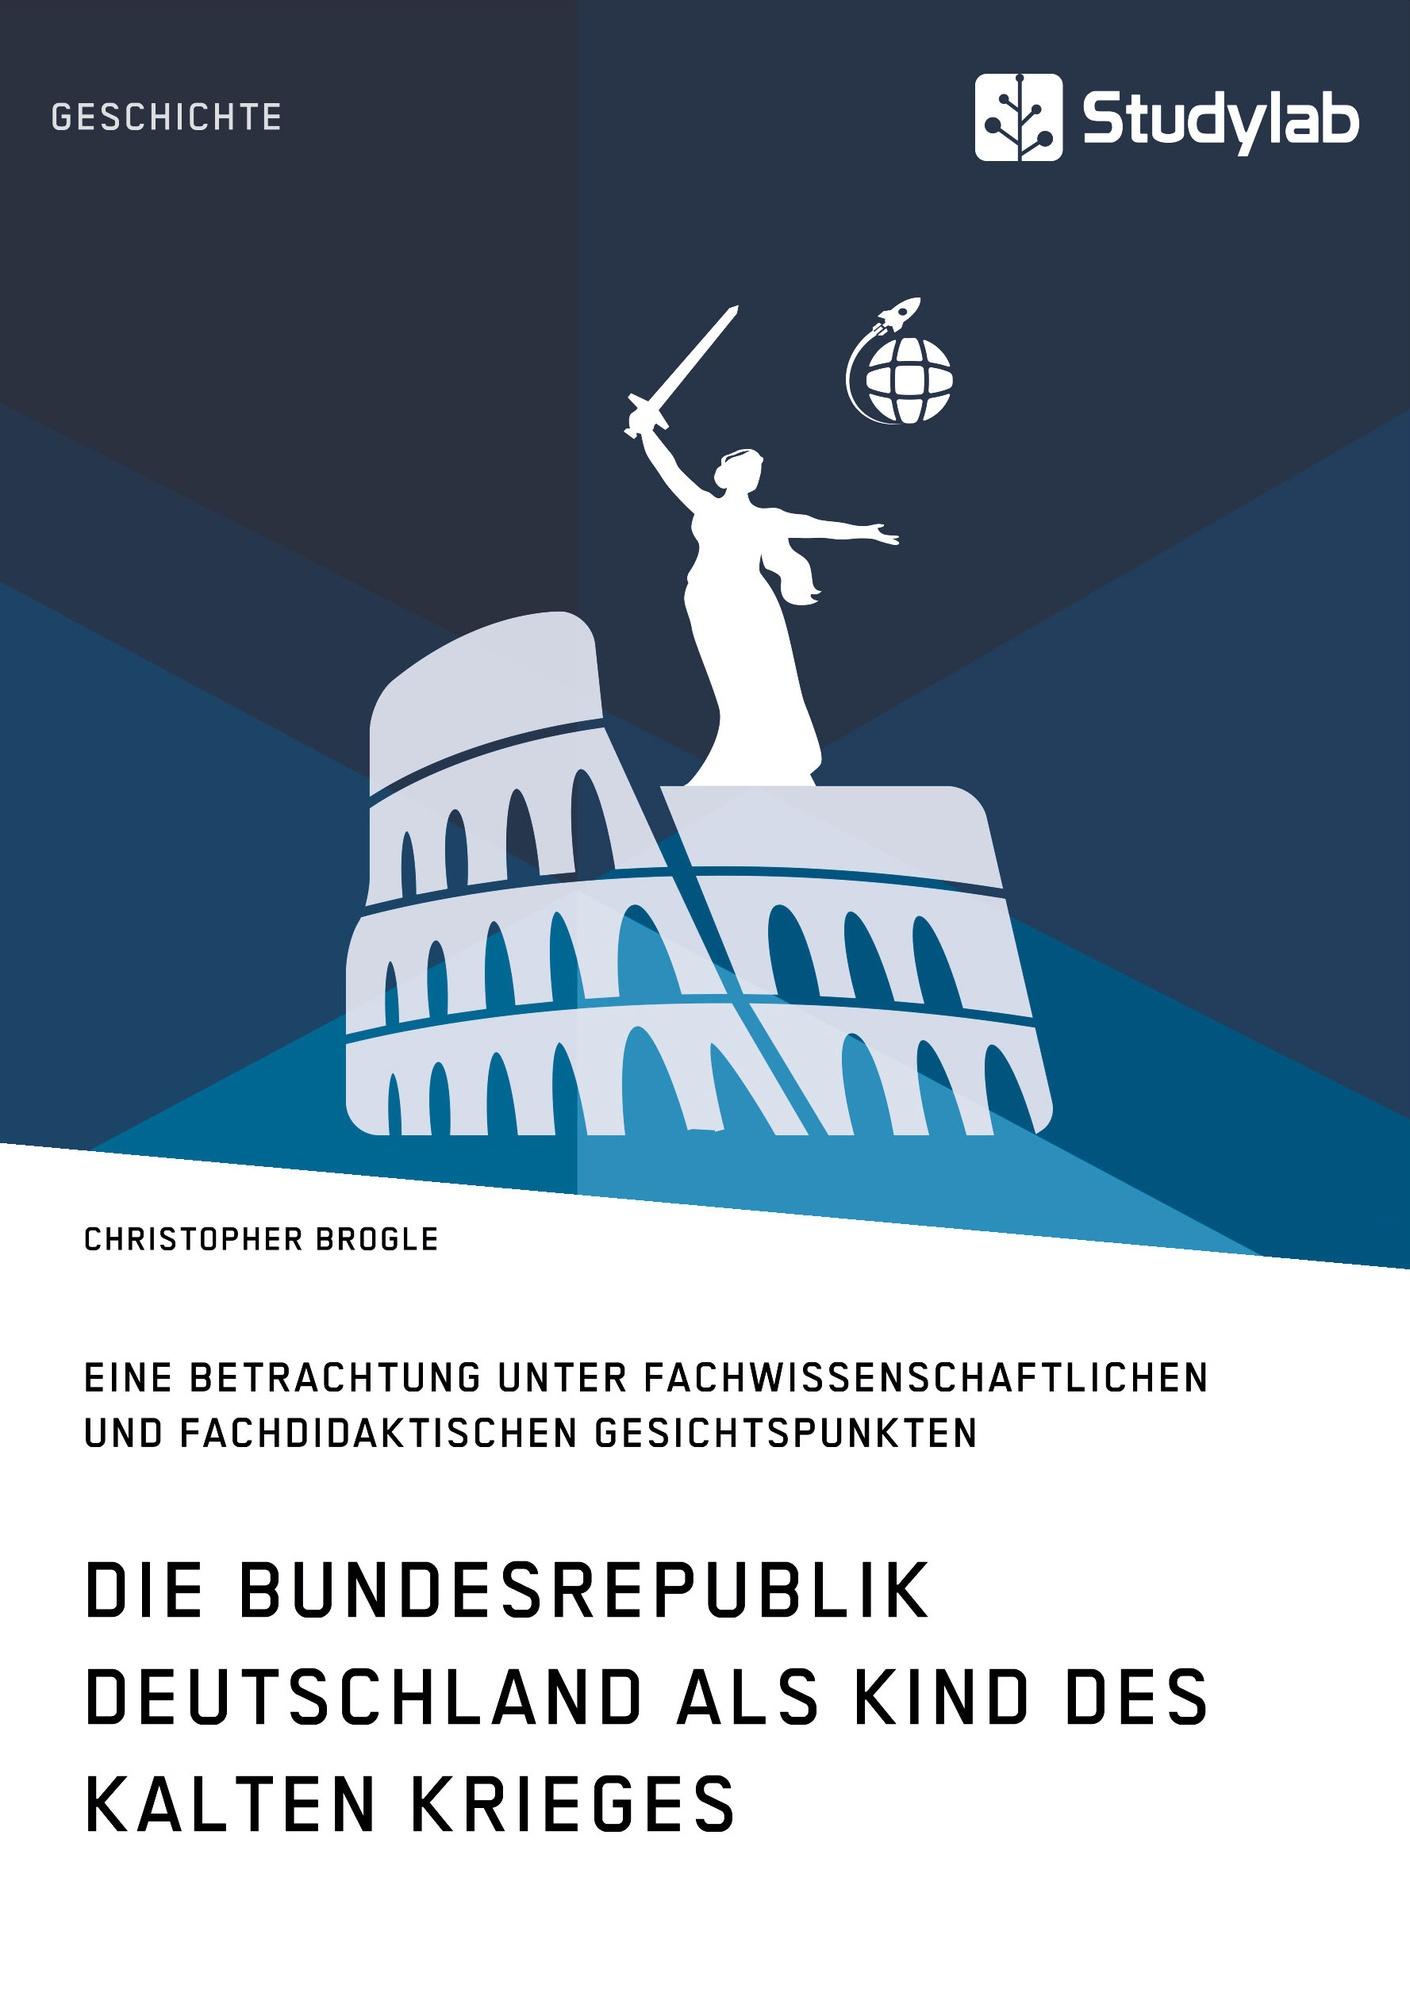 Titel: Die Bundesrepublik Deutschland als Kind des Kalten Krieges